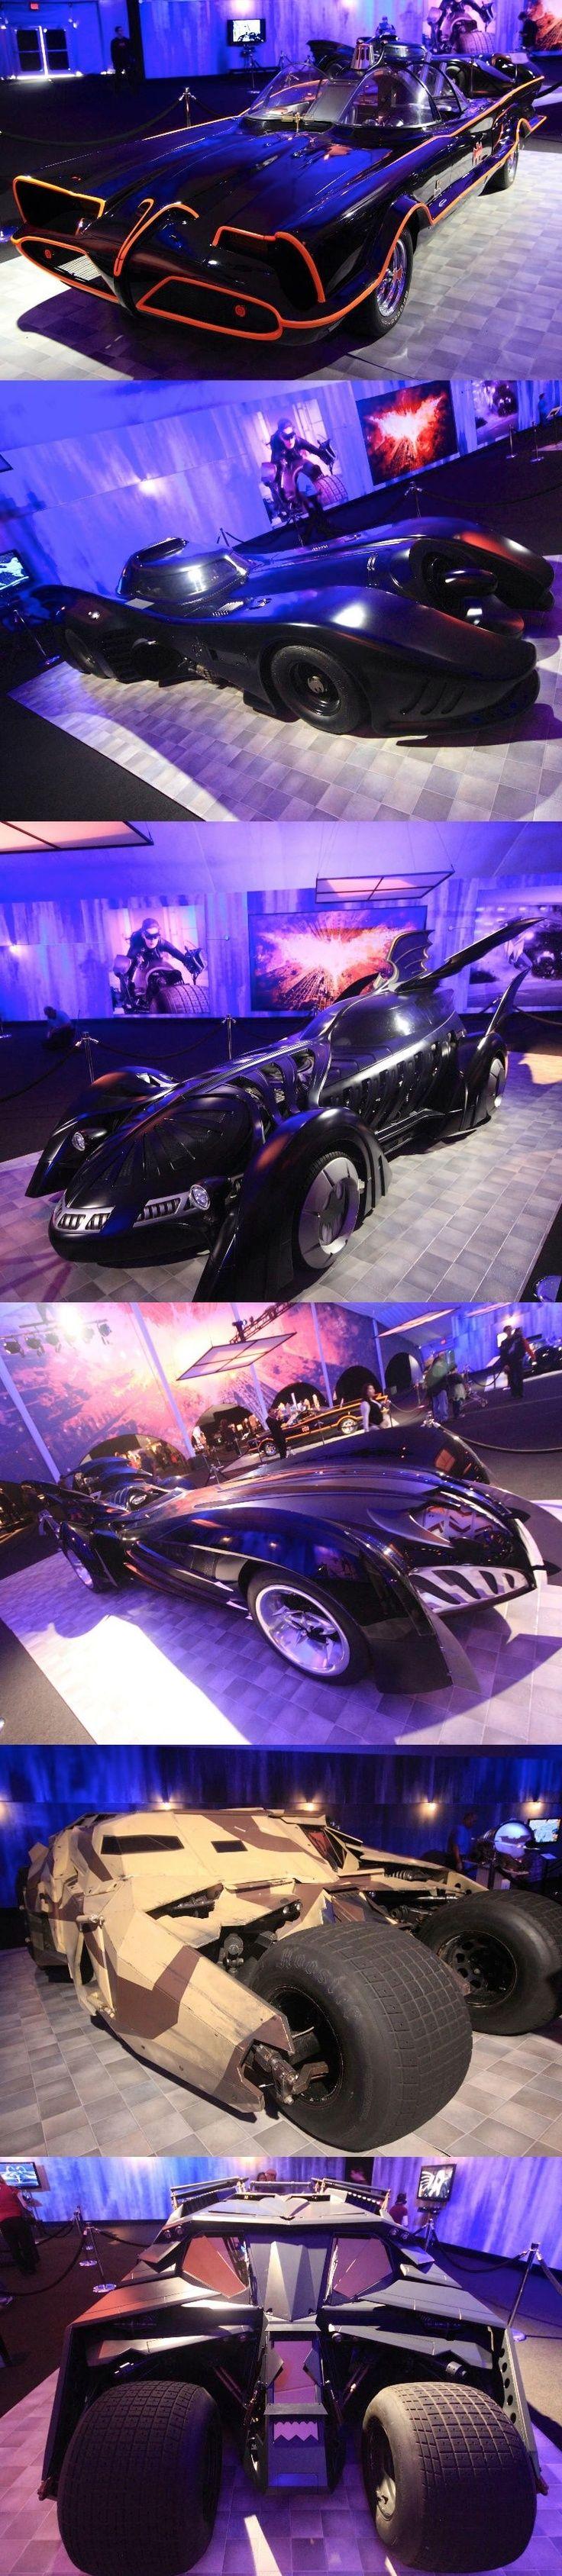 Batman Movies Cars #batmobile #show